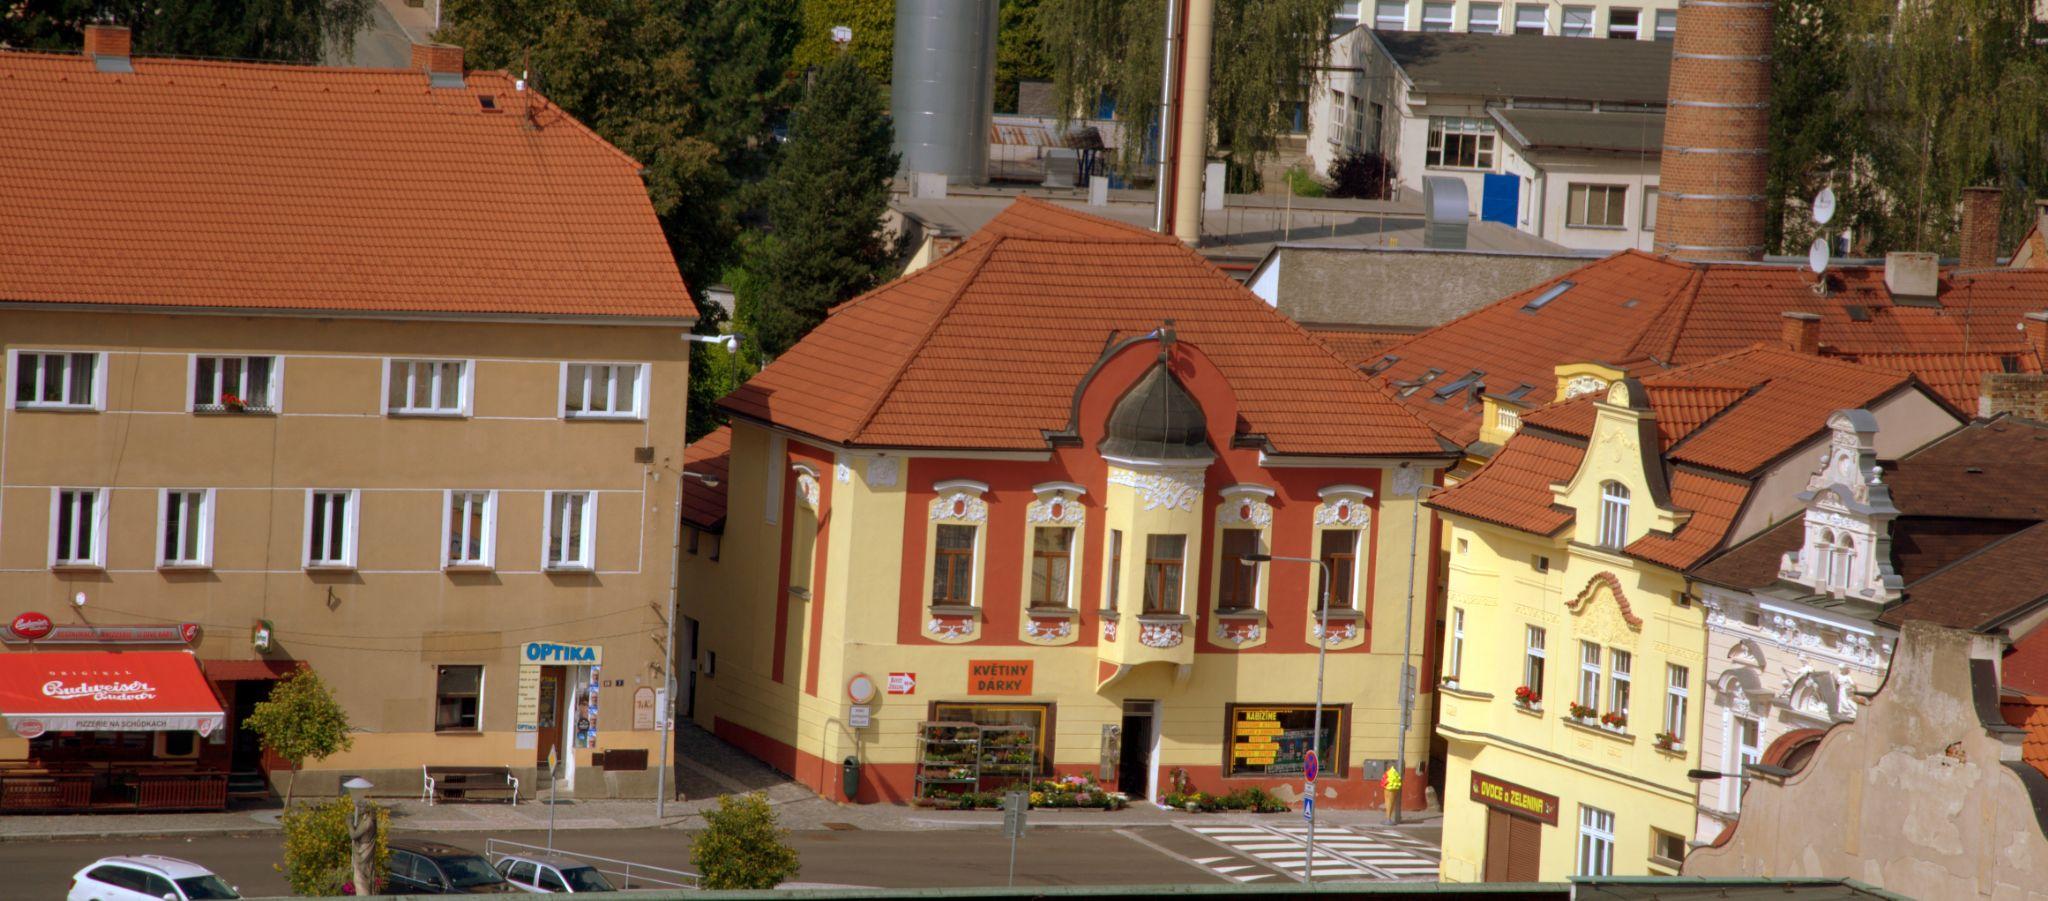 Hauses by rastislavk1